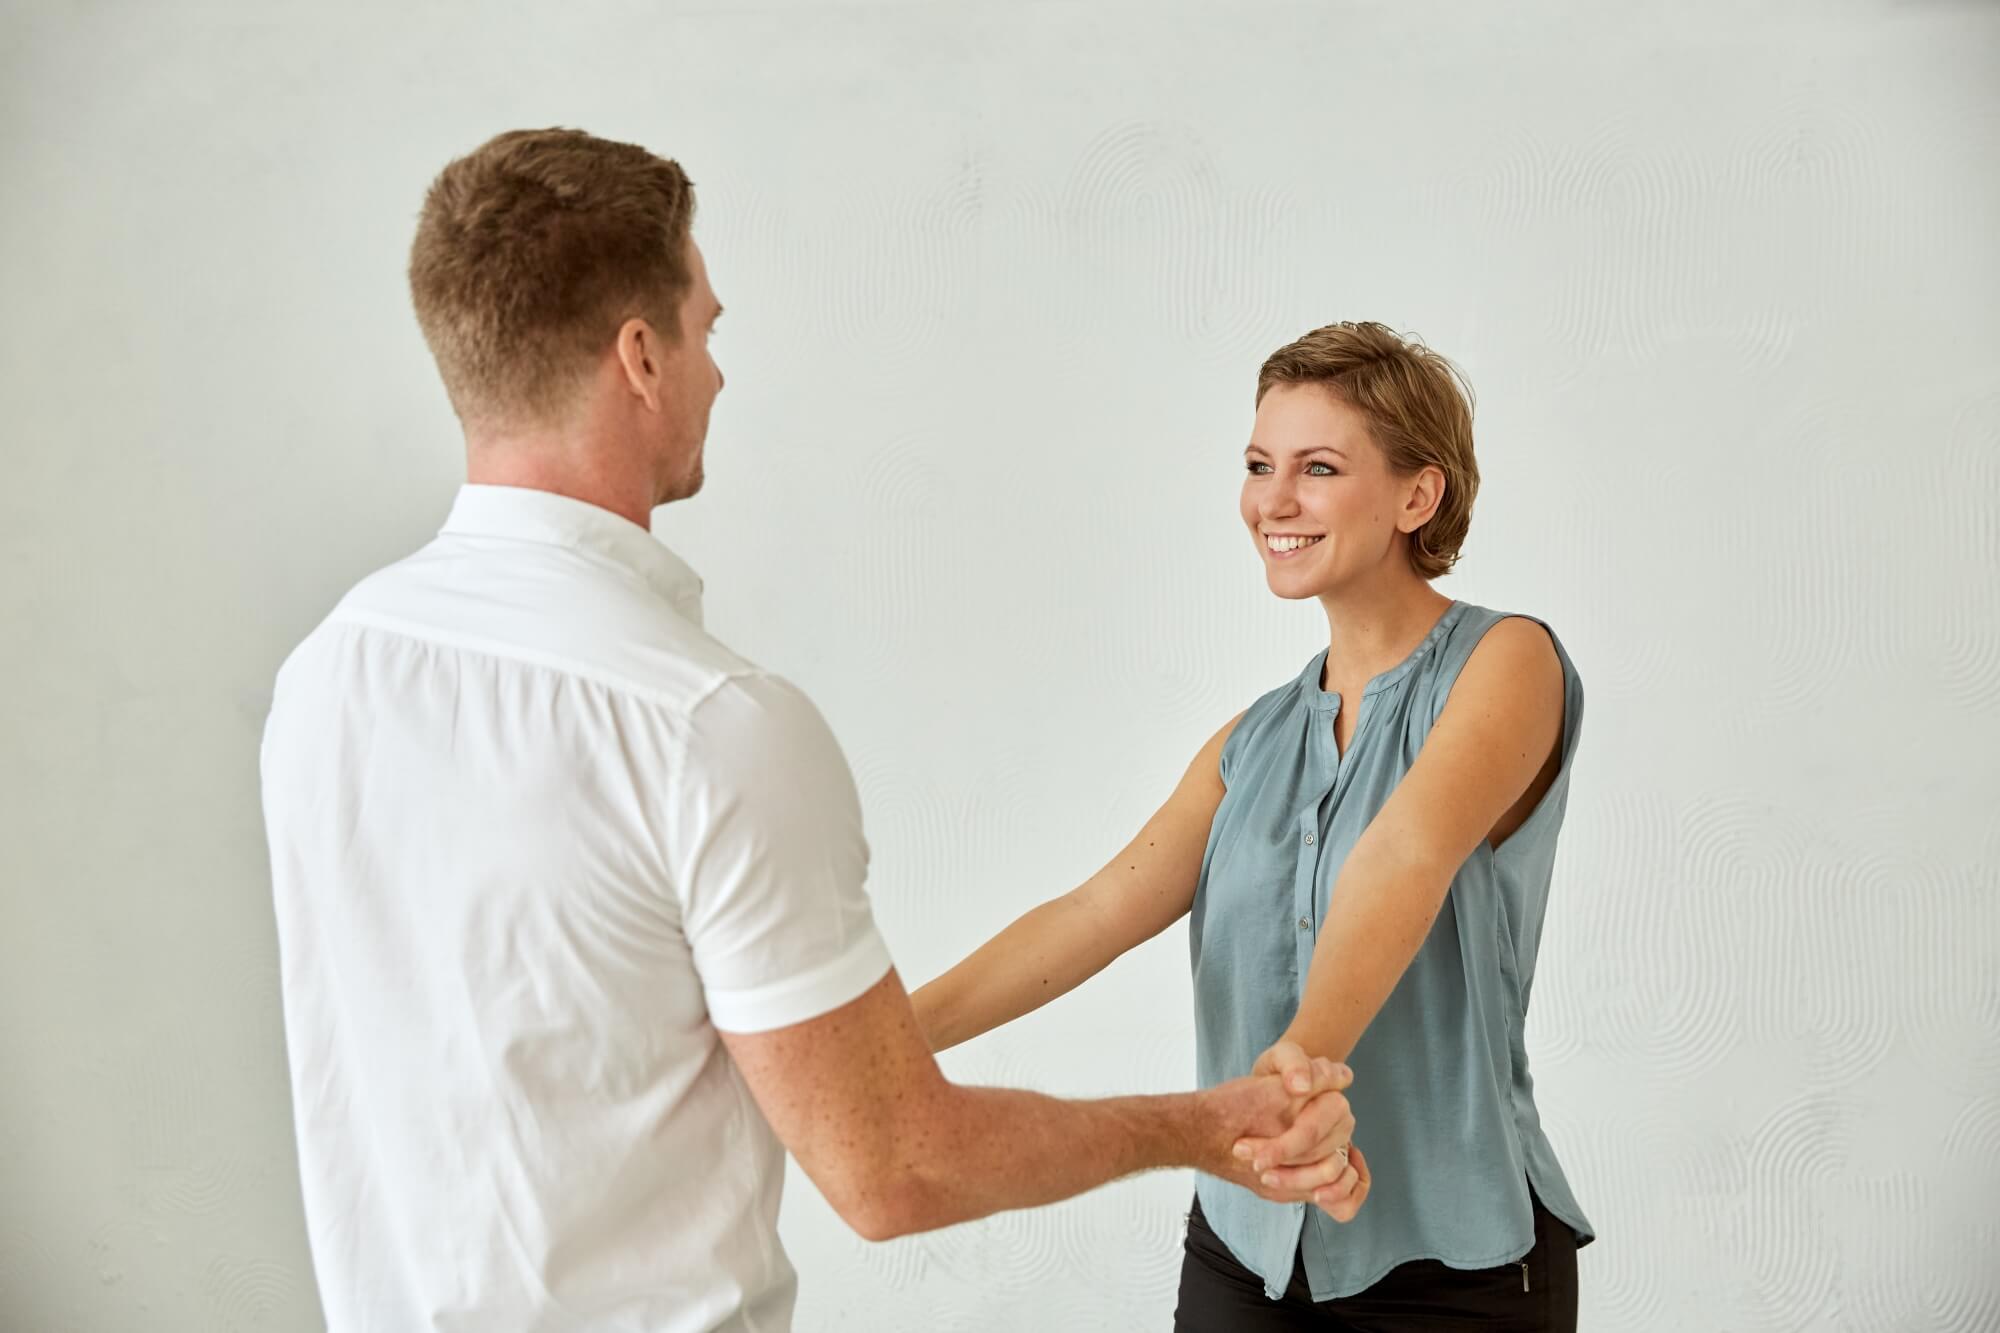 zehn-regeln-bachata-tanzen